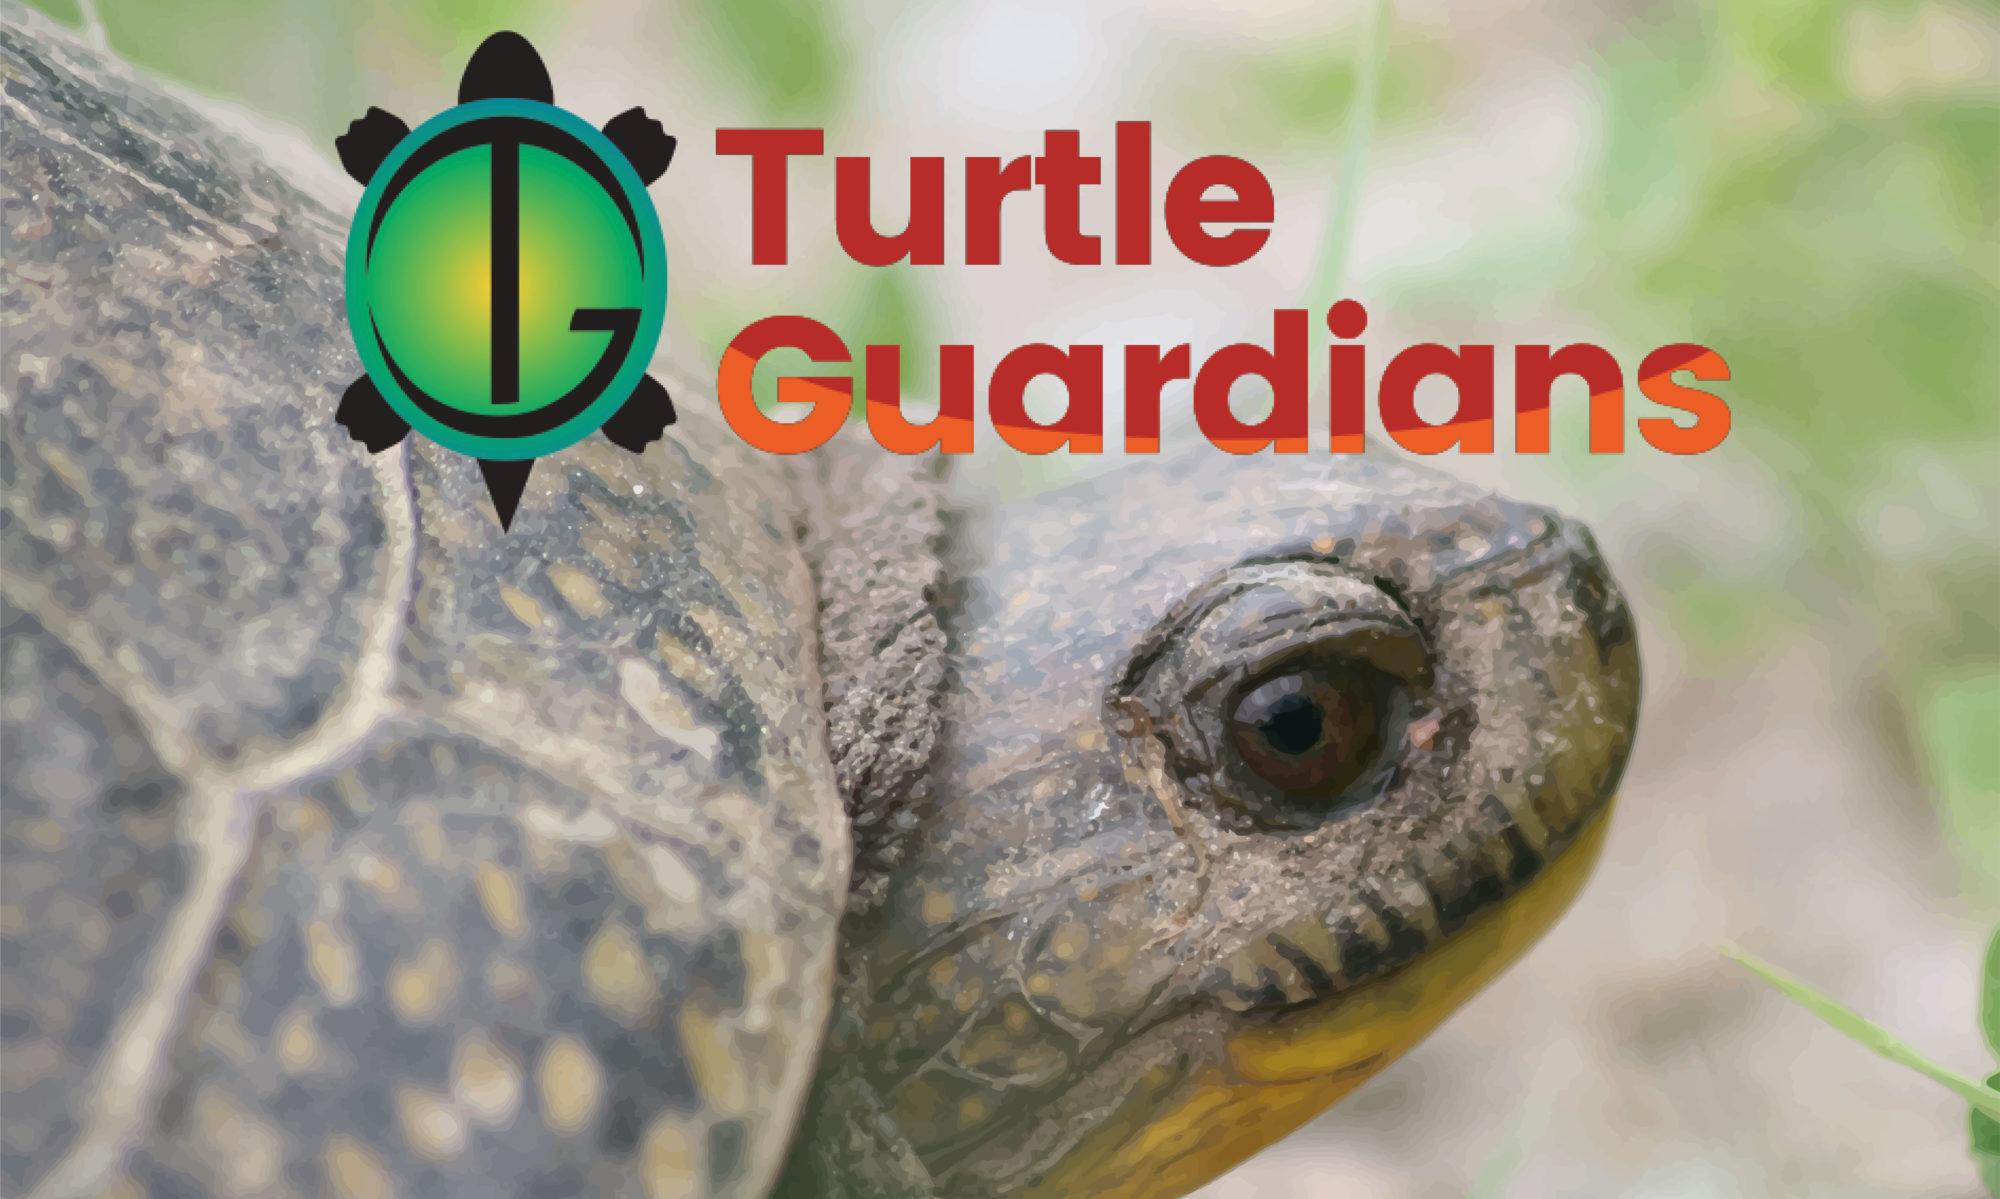 Turtle Guardians